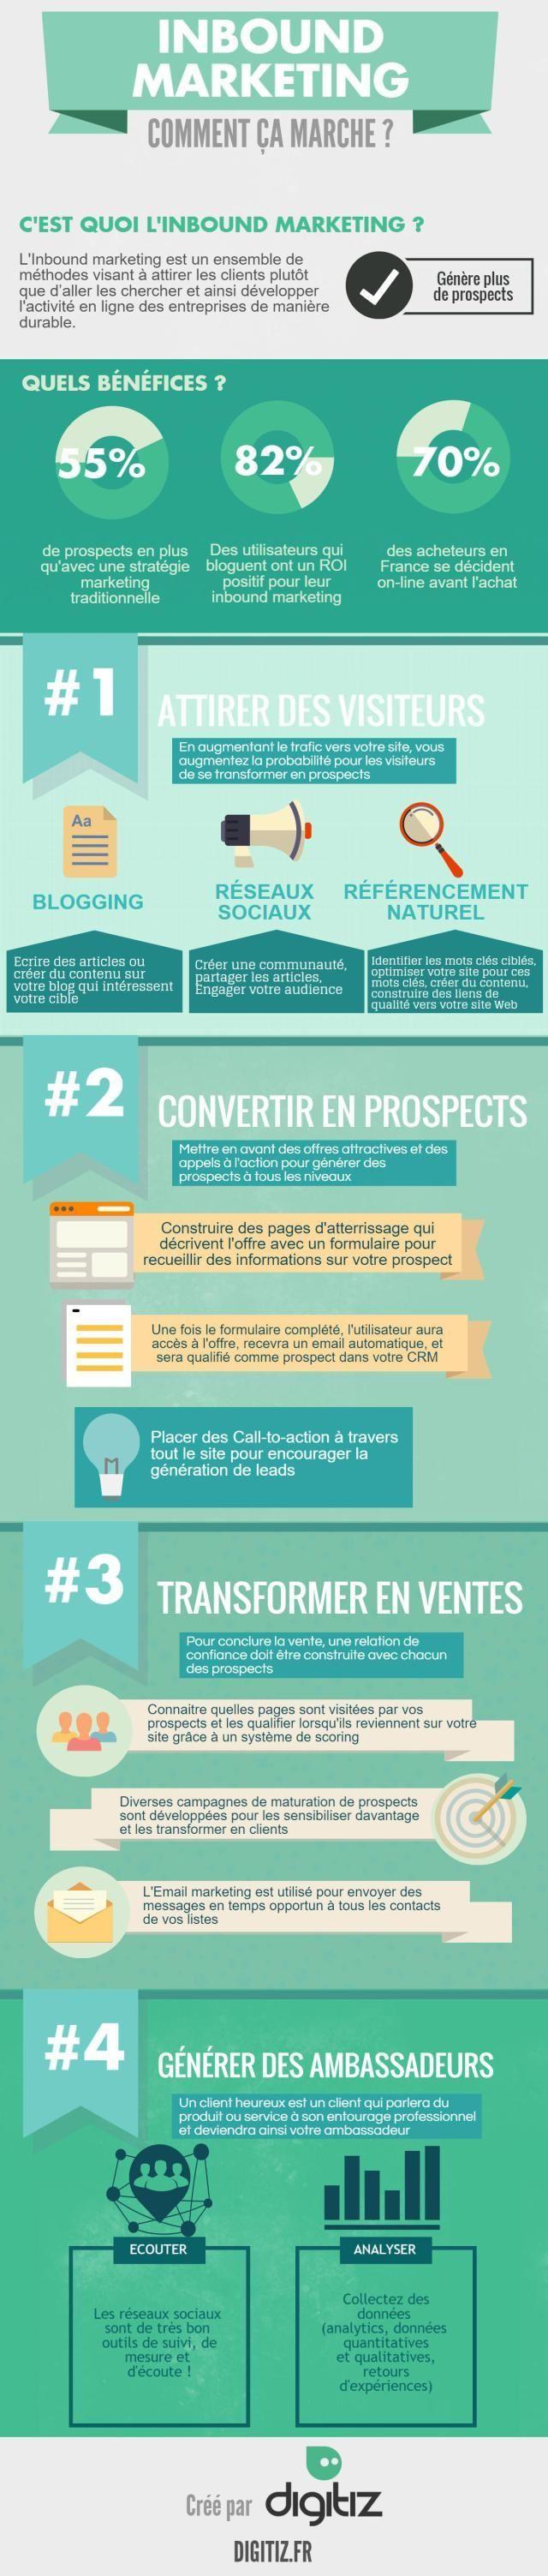 Infographie Inbound marketing                                                                                                                                                                                 Plus Leia os nossos artigos sobre Marketing Digital no Blog Estratégia Digital em http://www.estrategiadigital.pt/category/marketing-digital/